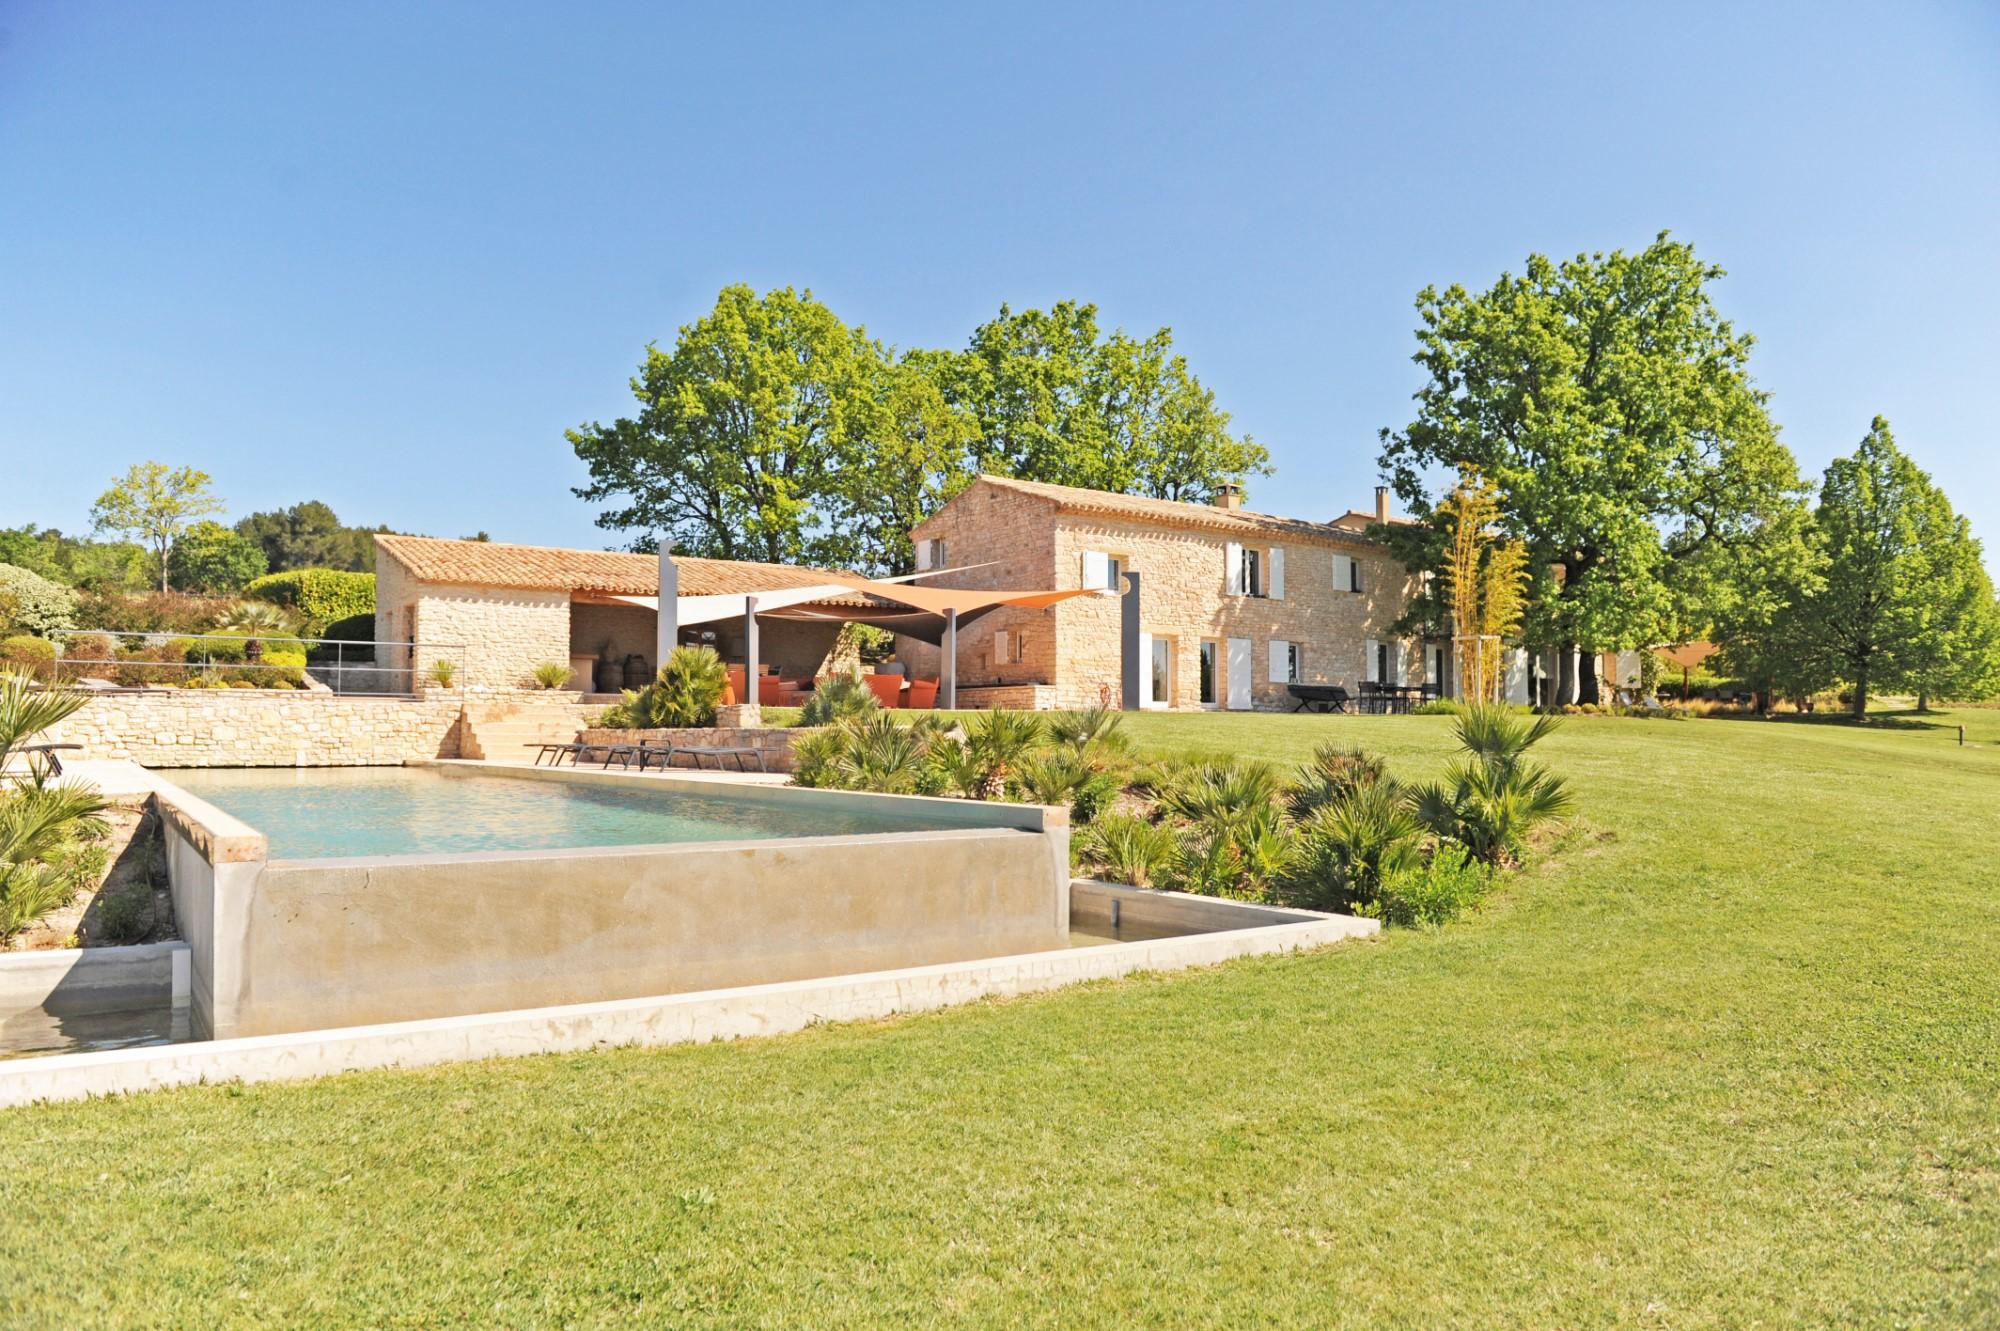 Propriété d'agrément avec piscine et dépendances en Provence